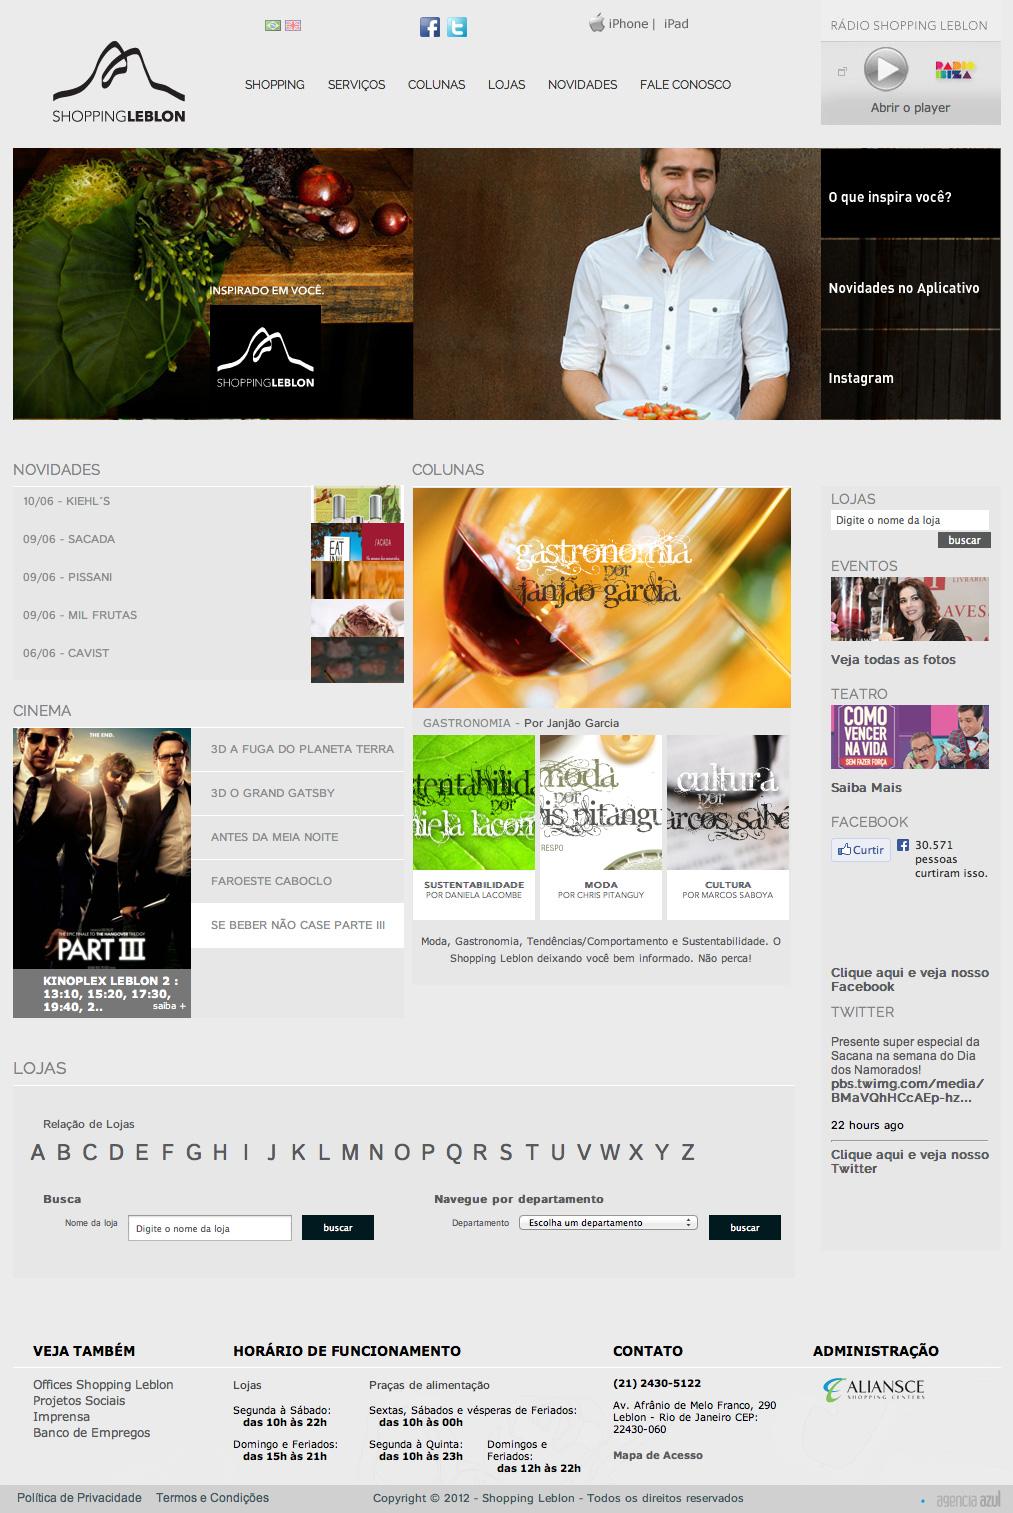 Site Institucional. Hotsites. Banners. Newsletters. Campanhas. Integração de aplicativo mobile.